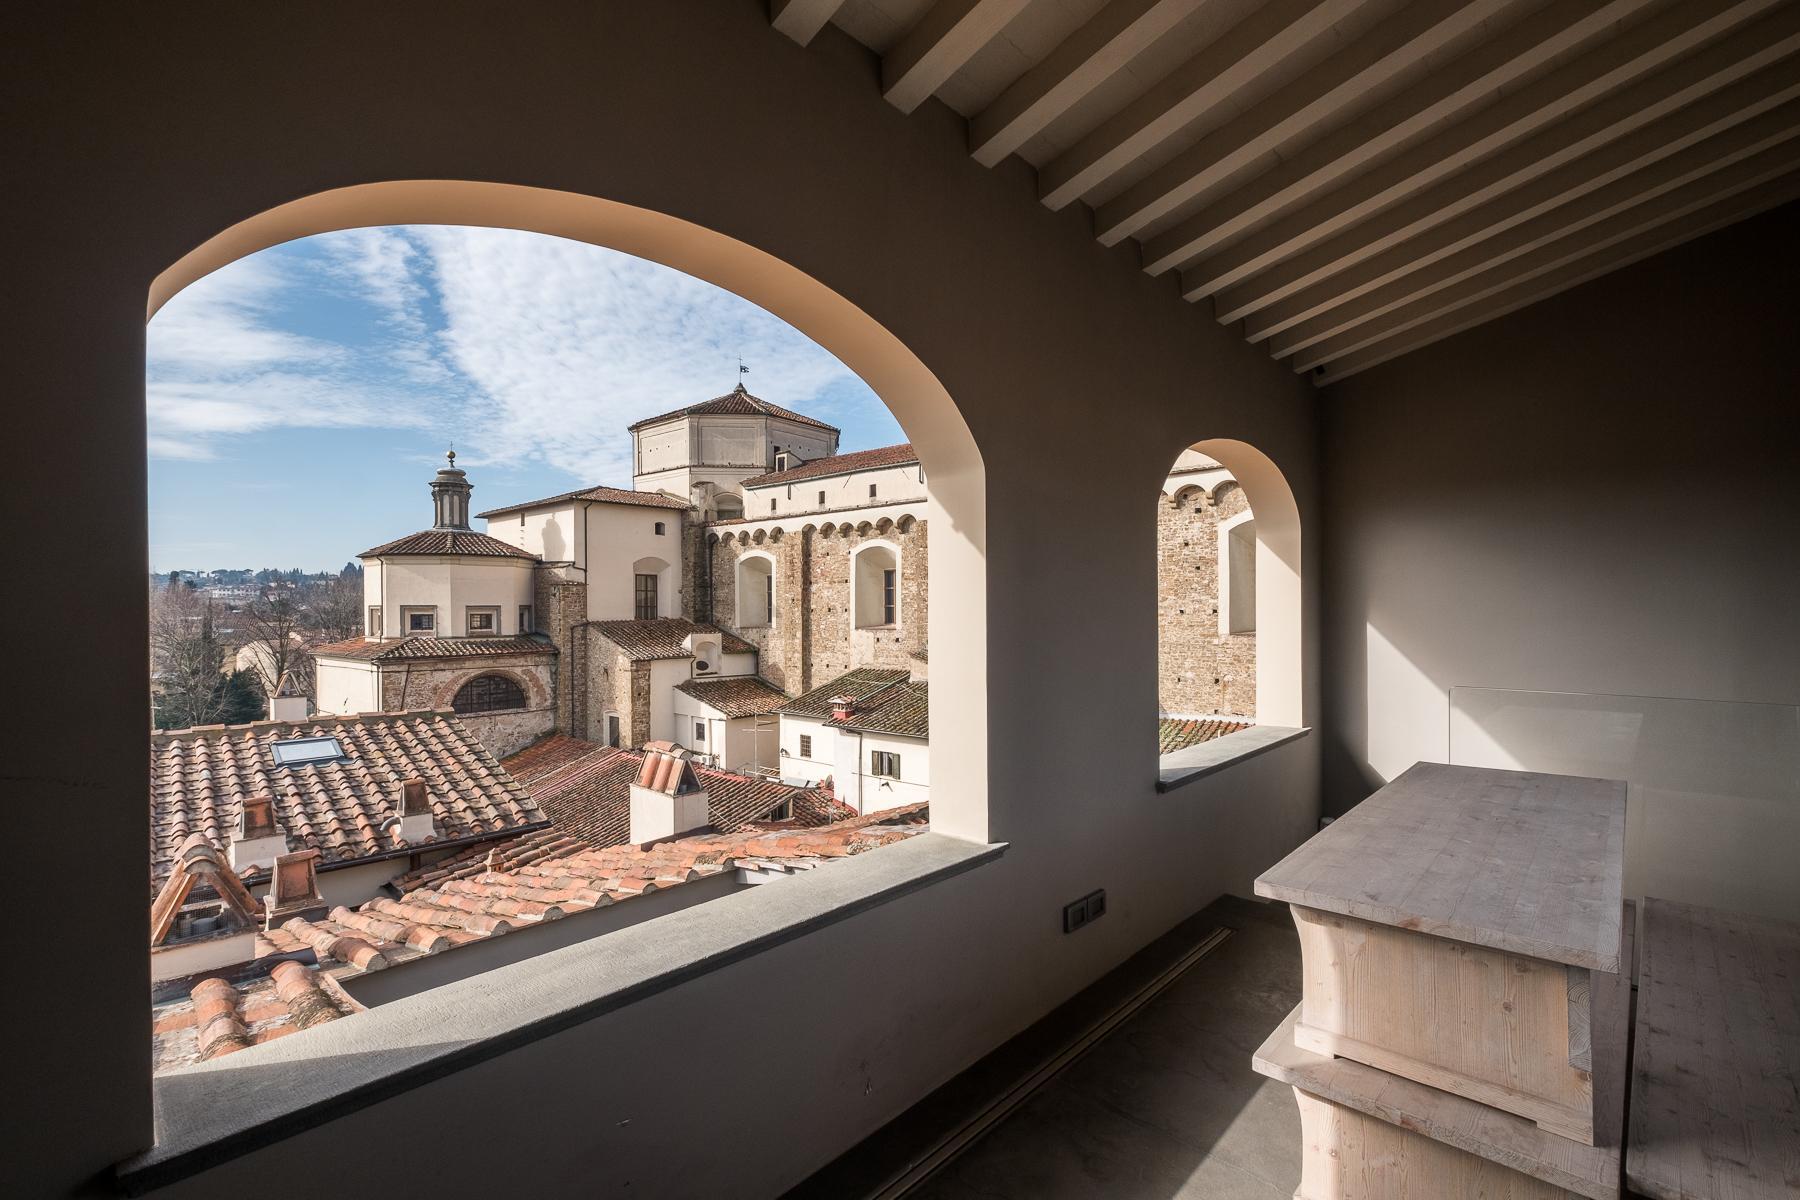 Herrliche Design-Wohnung mit Spa-Bereich im Herzen von Florenz - 1